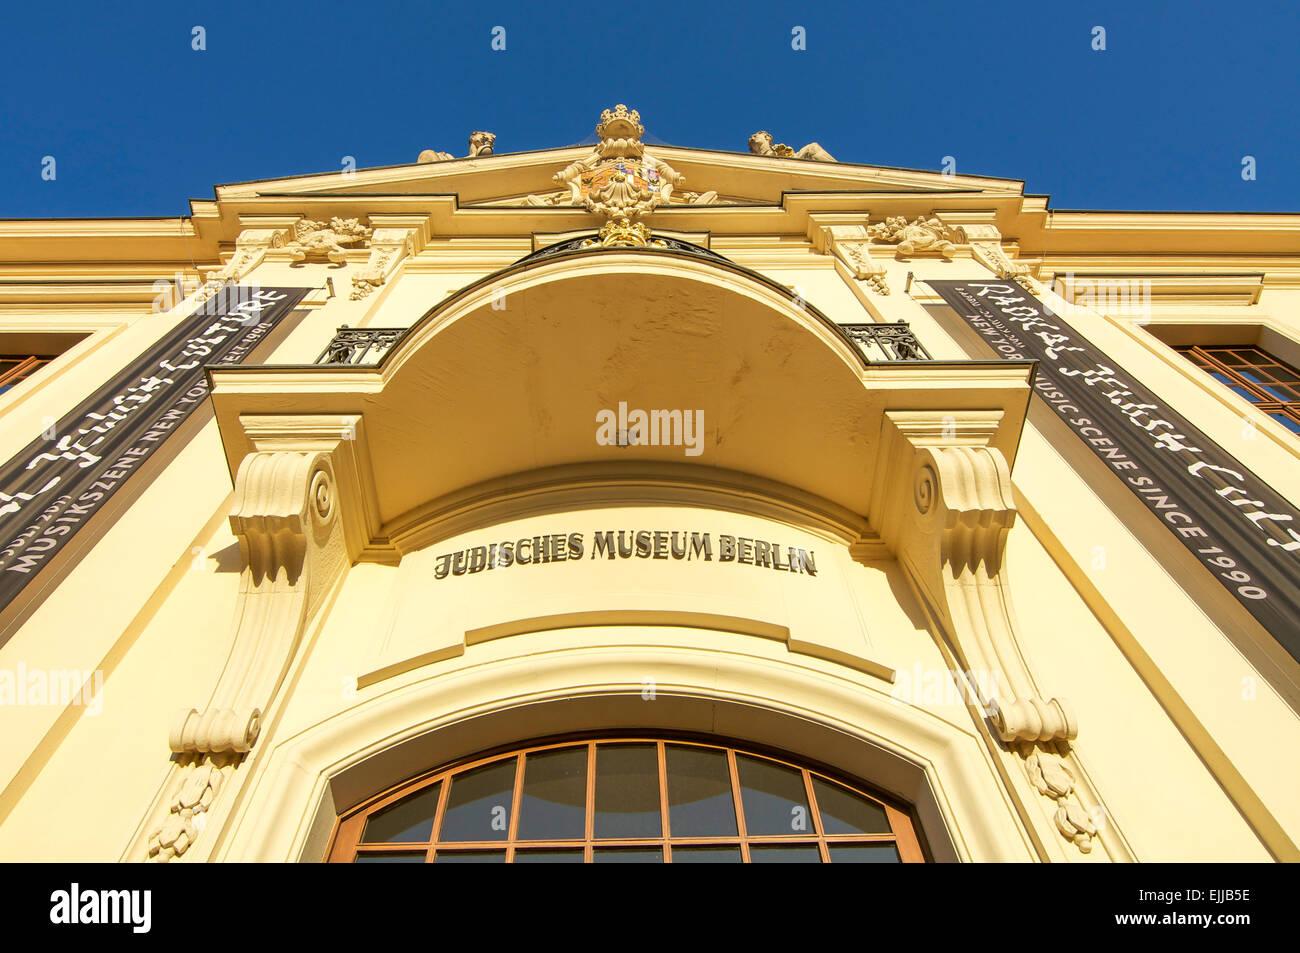 La couleur jaune doré à l'entrée le Musée Juif de Berlin, Allemagne. Banque D'Images